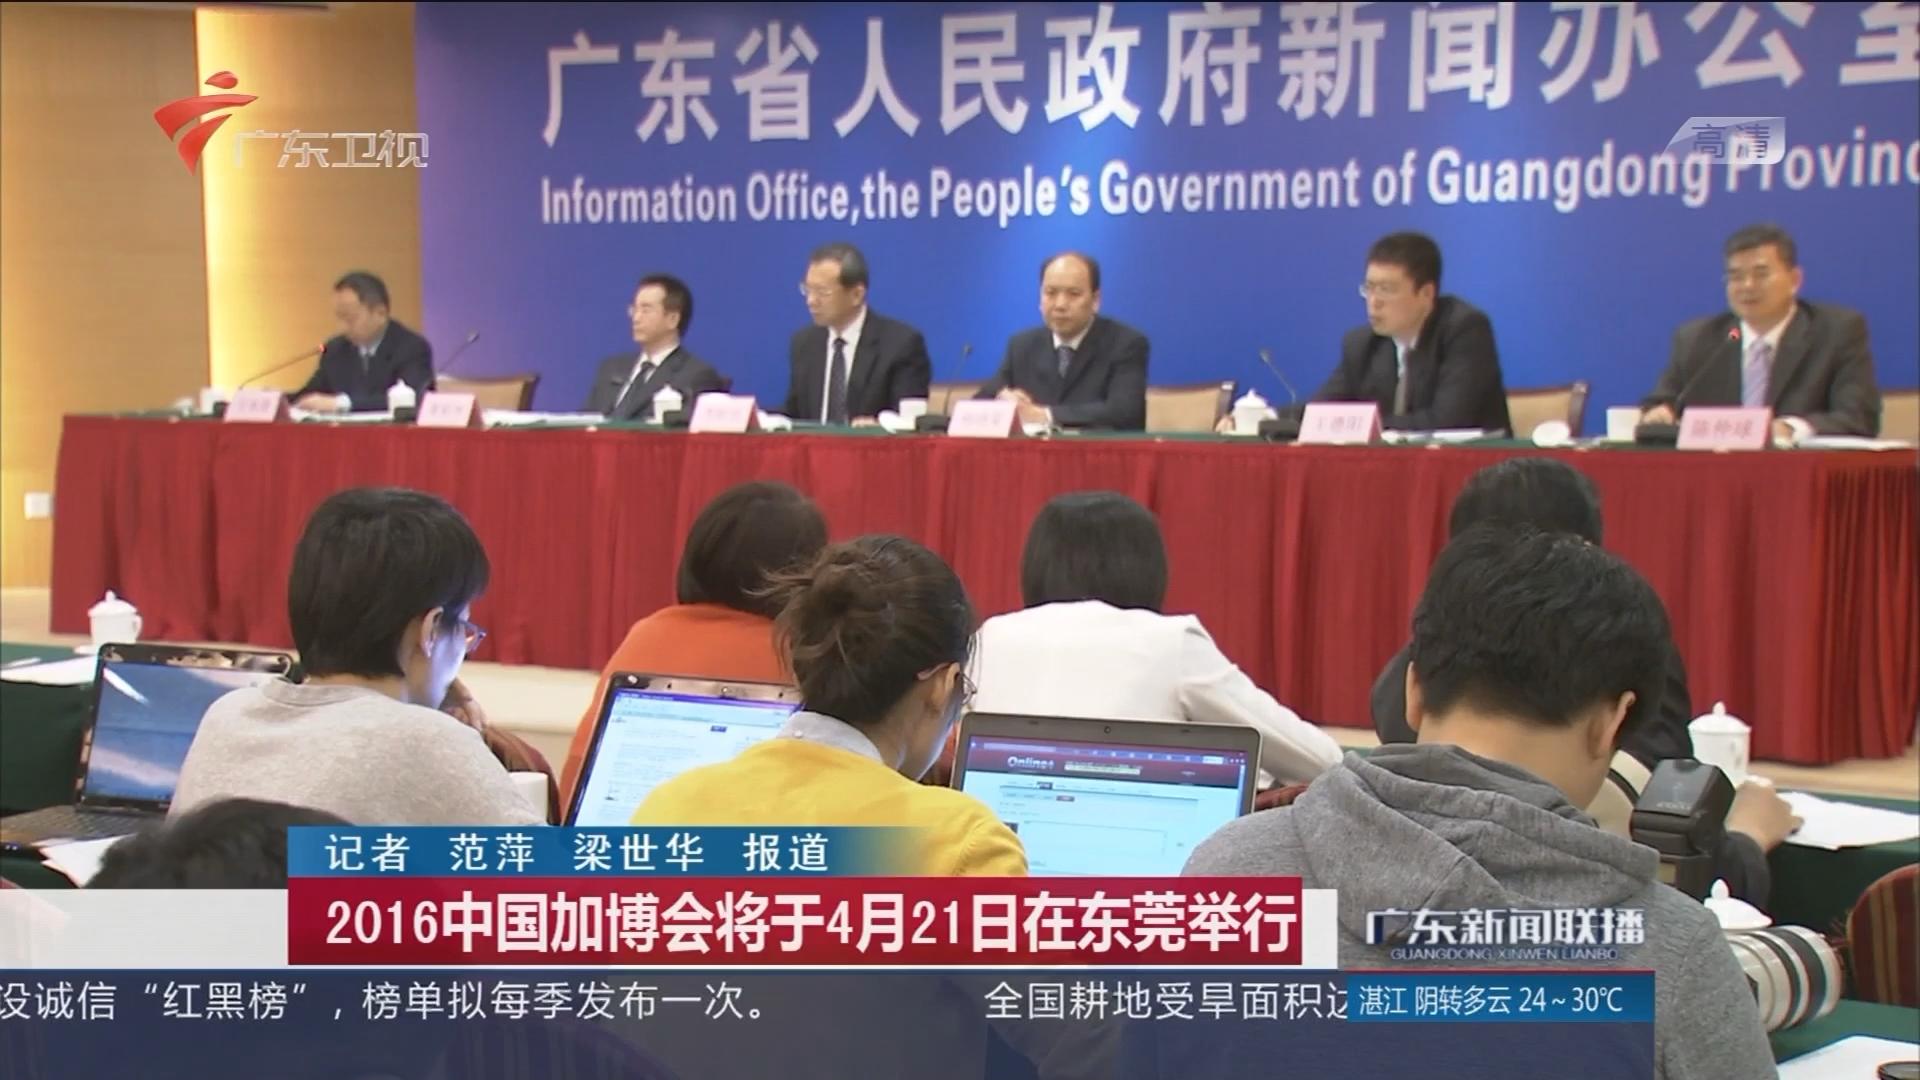 2016中国加博会将于4月21日在东莞举行